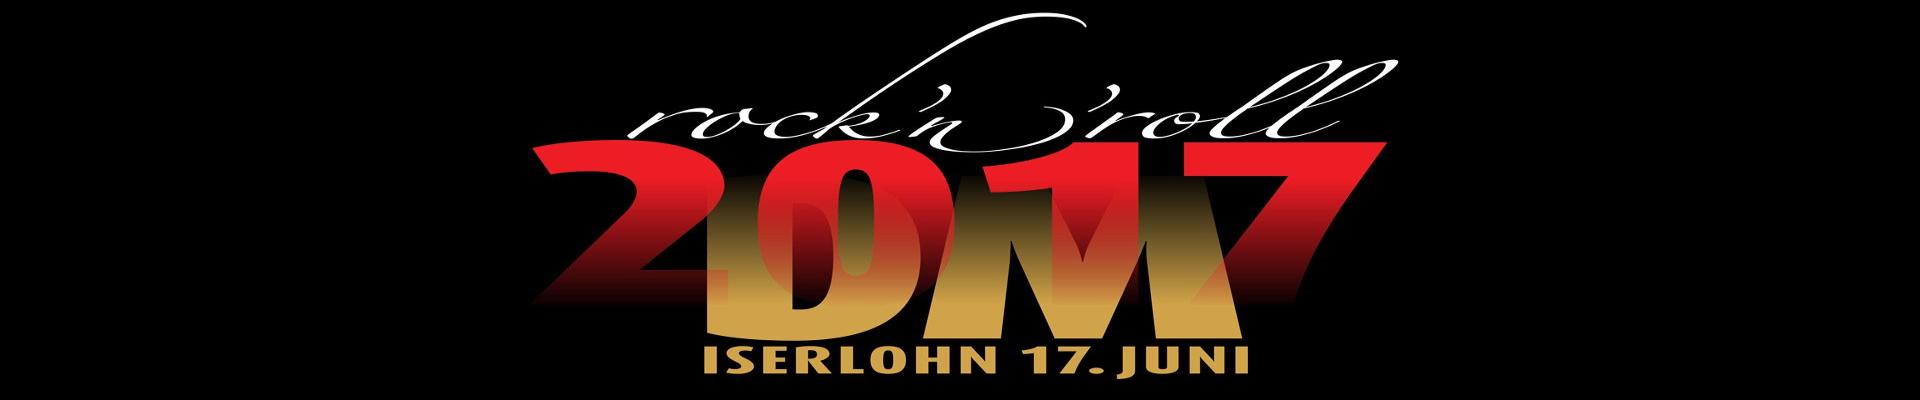 Deutsche Meisterschaft in Iserlohn